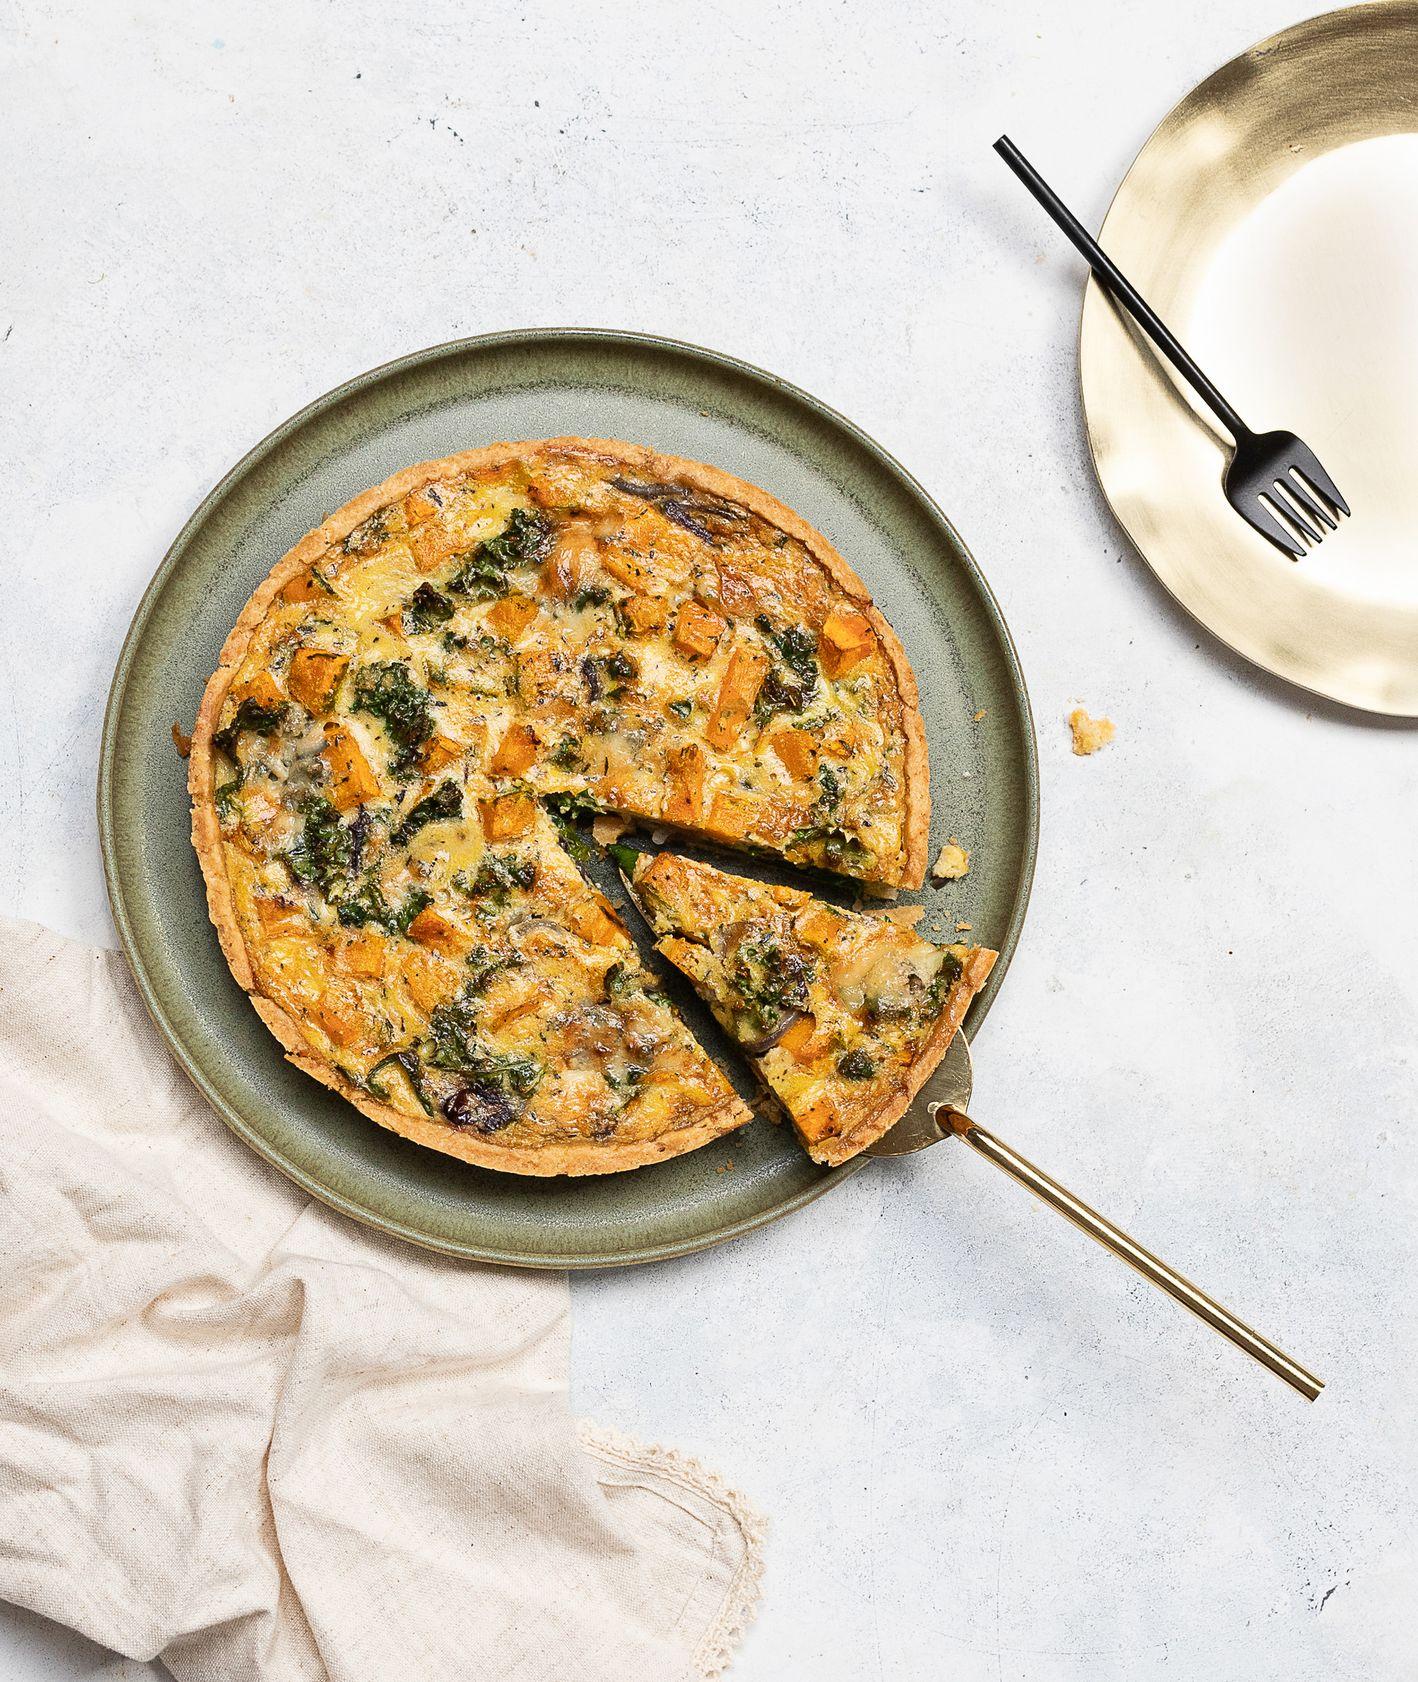 Jak przygotować tartę dyniową z gorgonzolą. Quiche dyniowy z gorgonzolą (fot. Paulina Czyżewska)